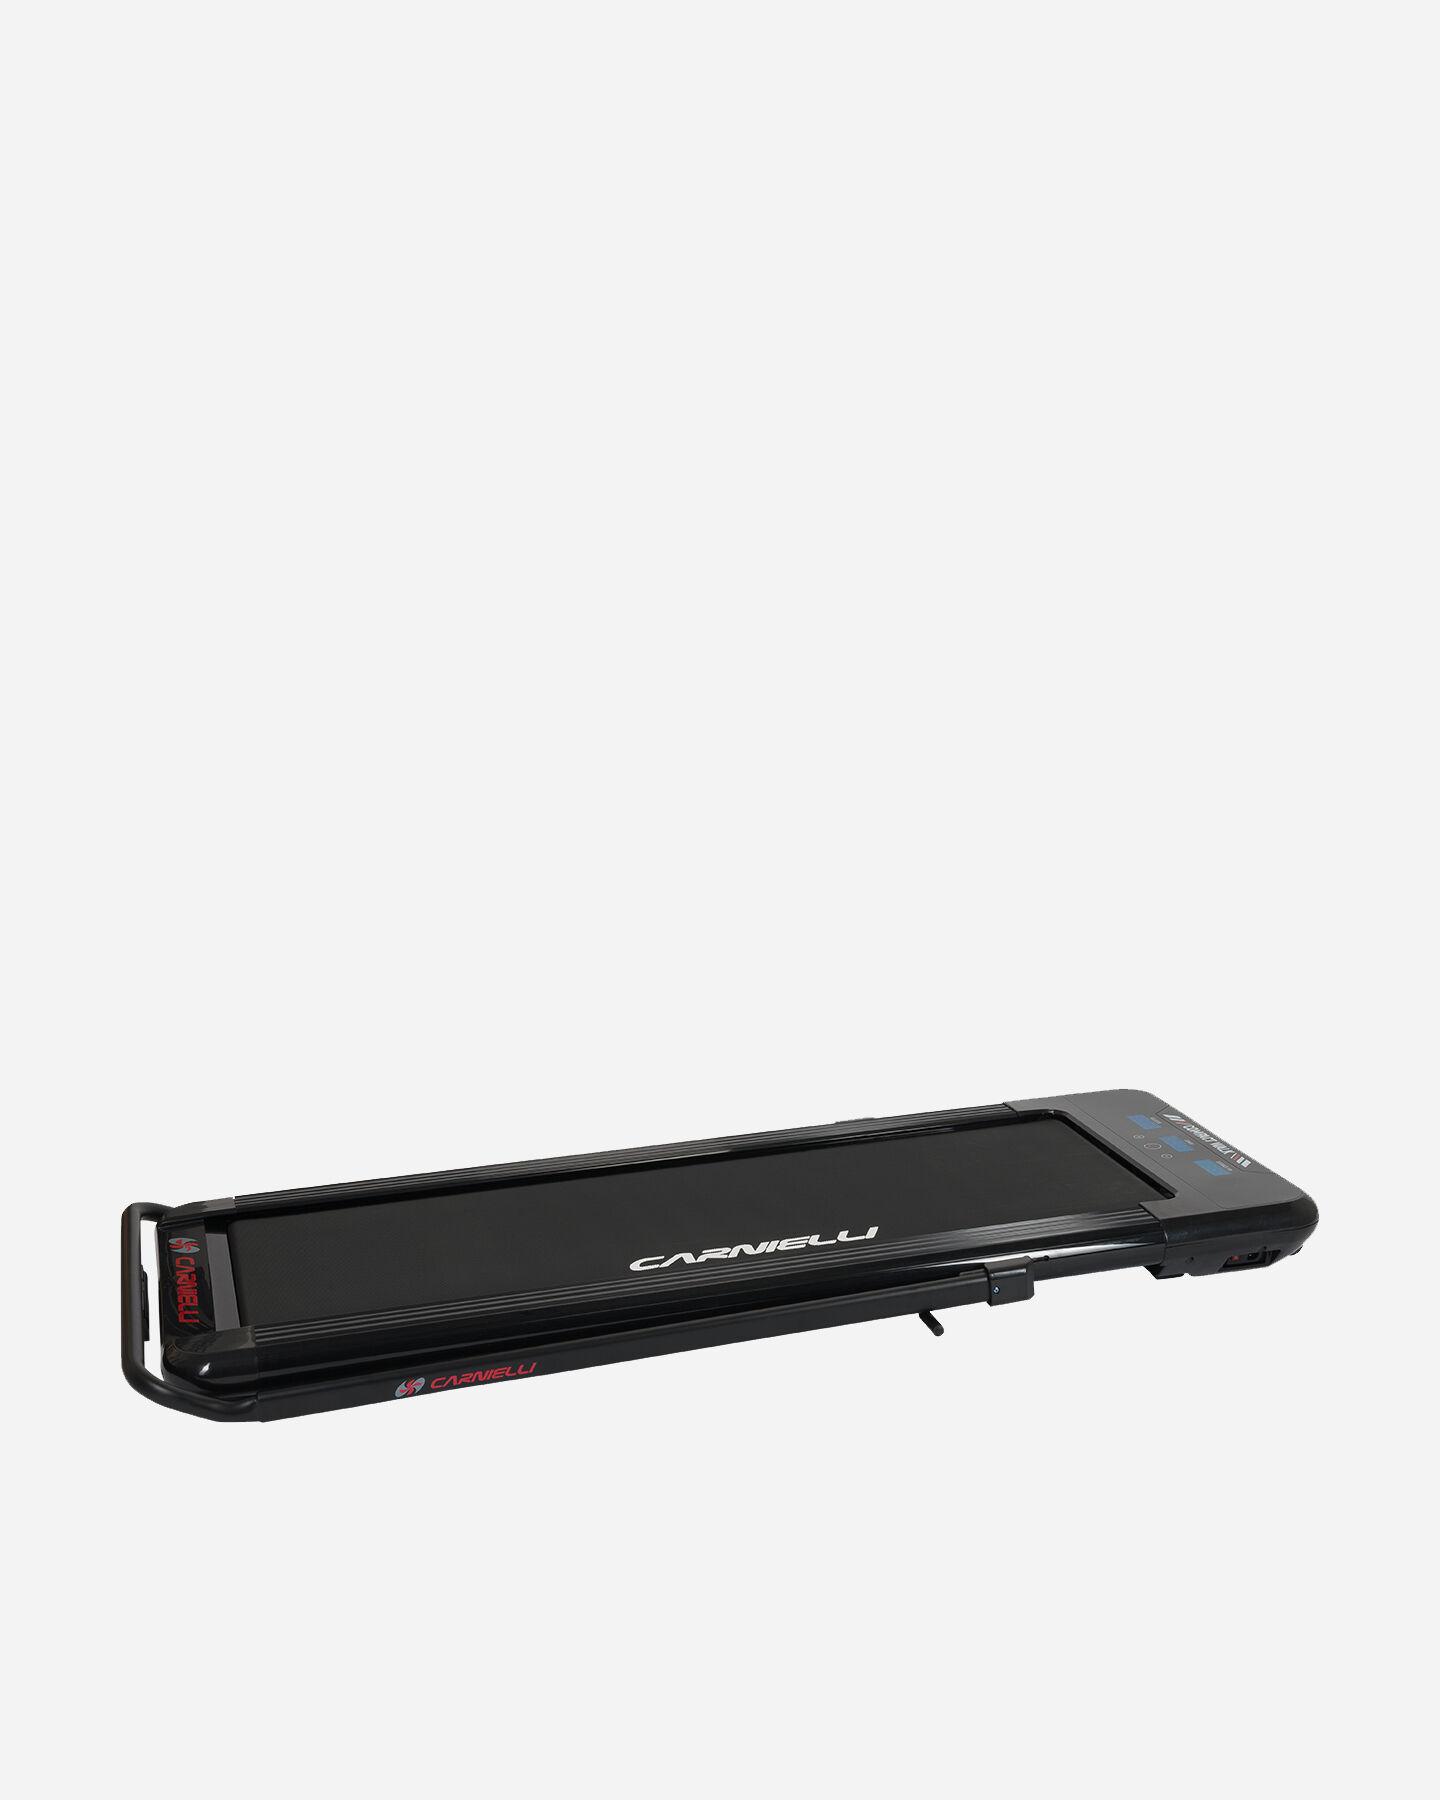 Tapis roulant CARNIELLI COMPACT WALK  S4062697 1 UNI scatto 1